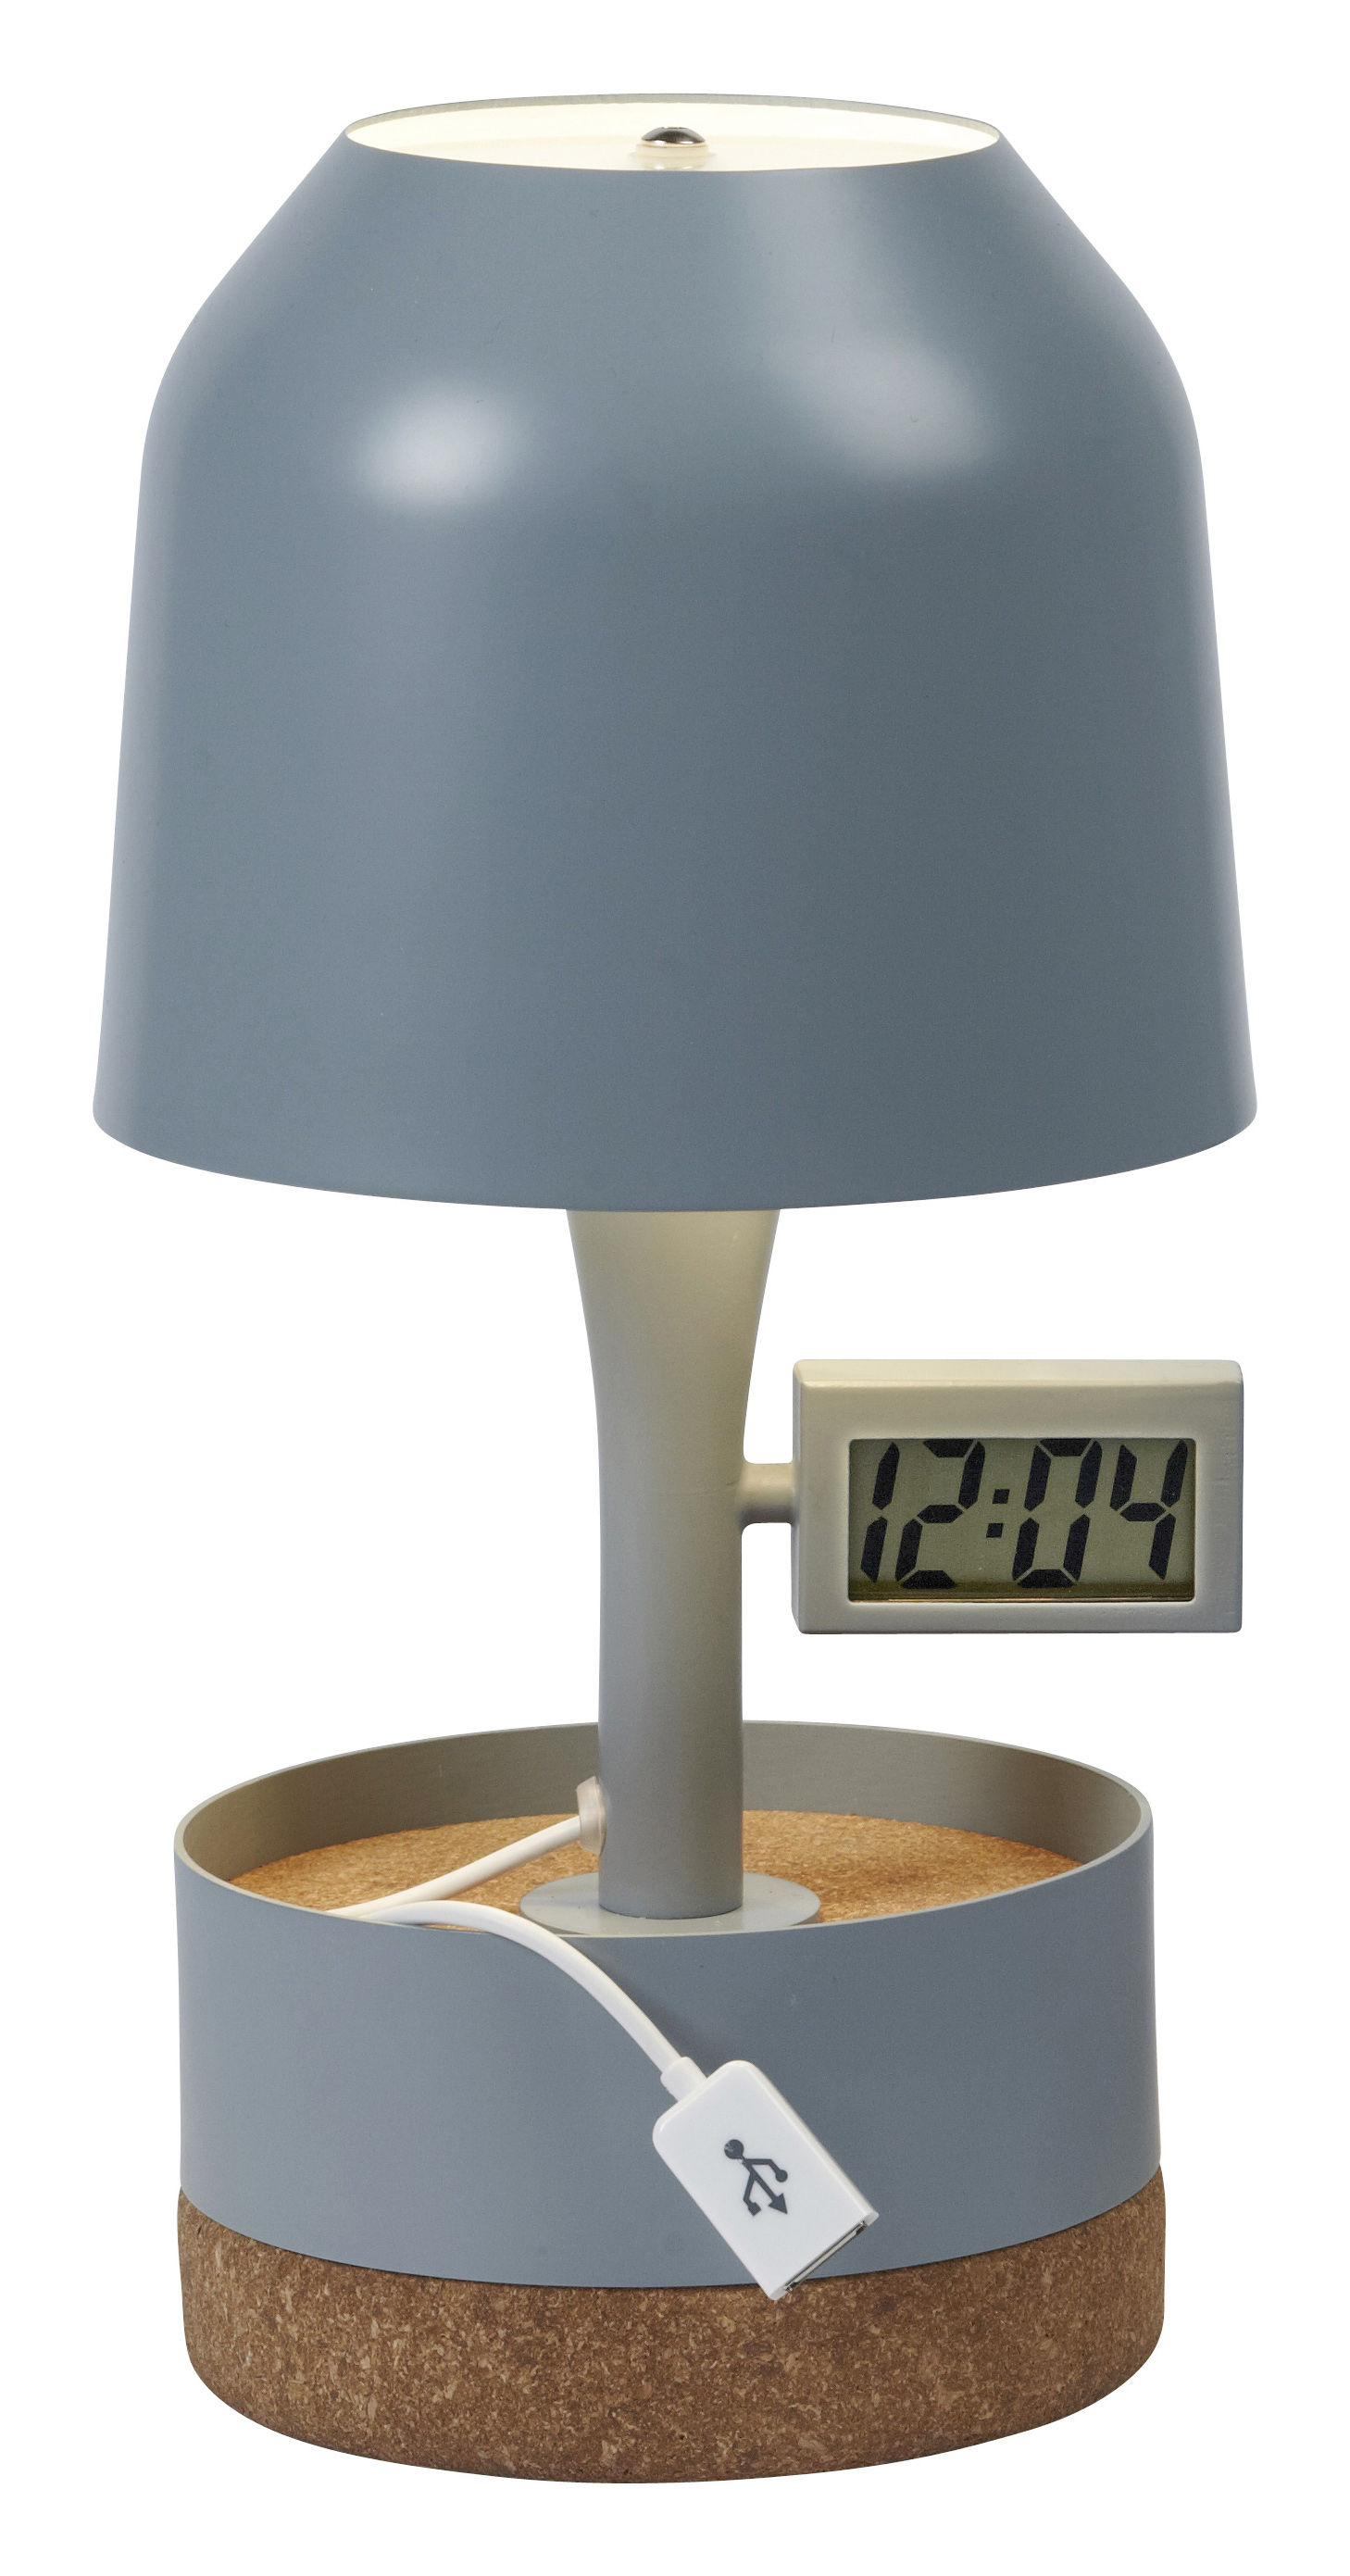 Hodge Table H Podge Forestier Réveilamp; Cm Lampe 30 Usb Port De Intégrés hdxrtsQC